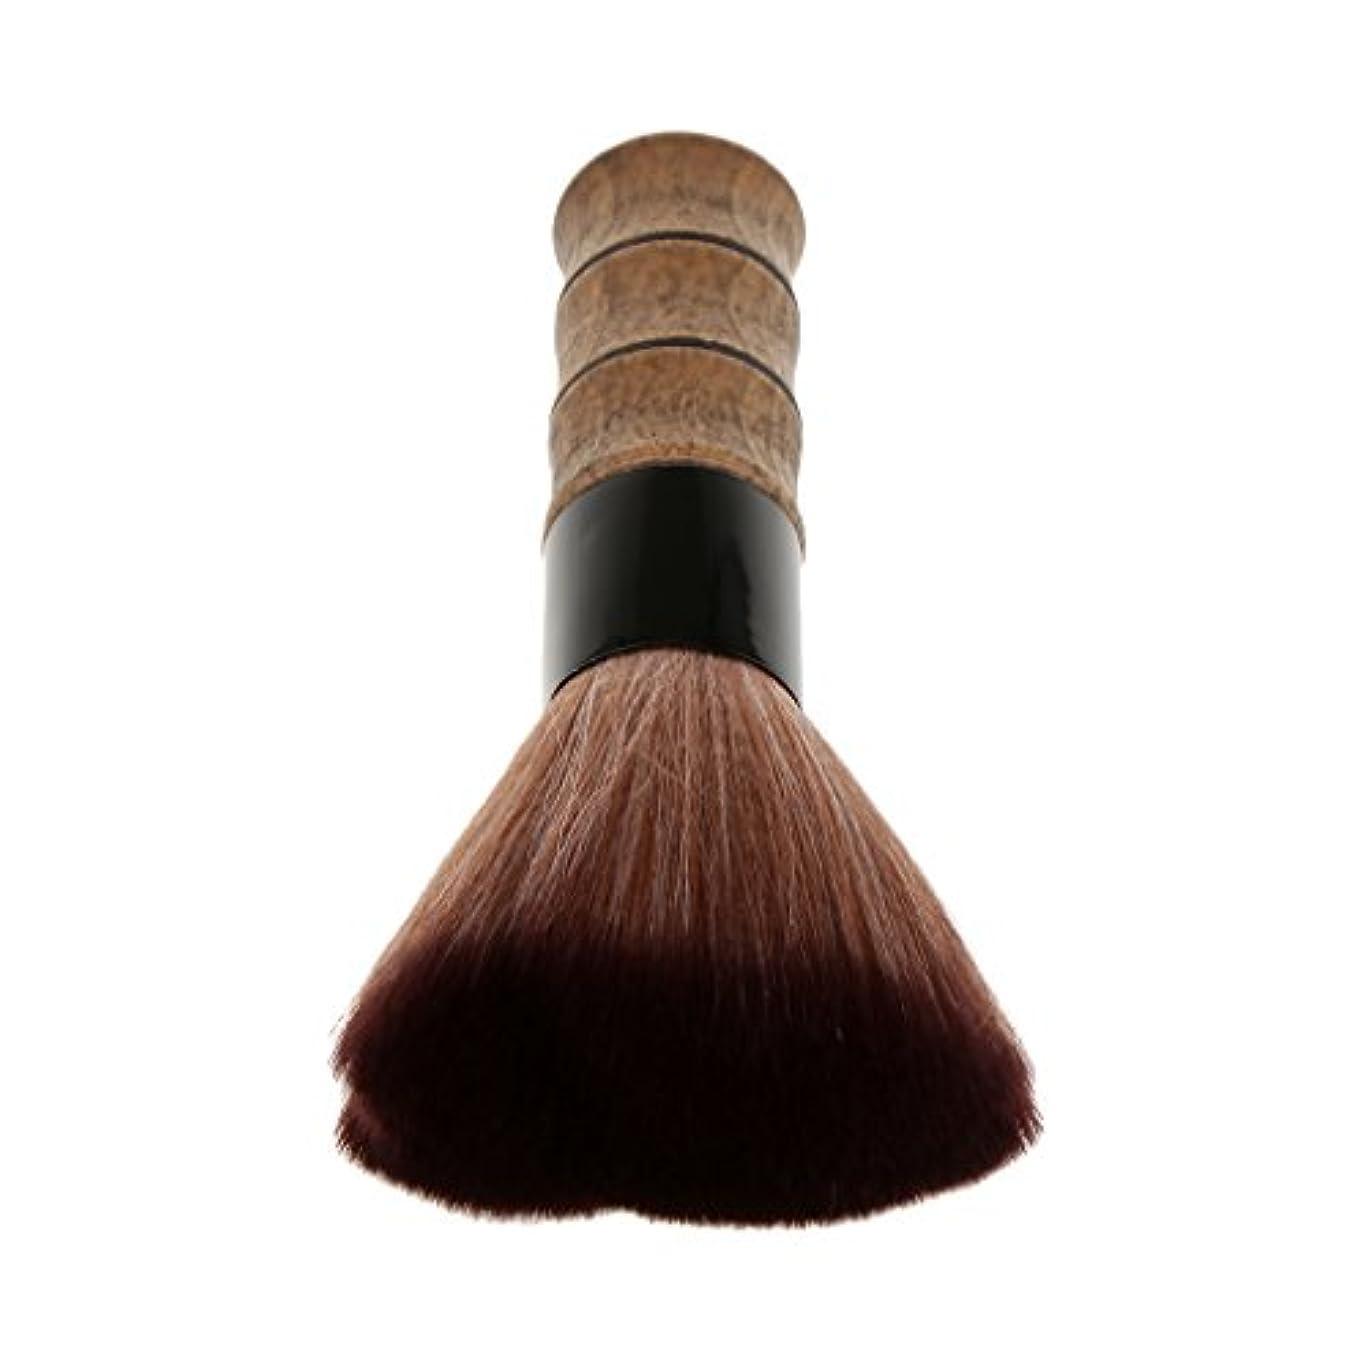 トリクル気配りのあるポスト印象派メイクブラシ シェービングブラシ 超柔らかい 繊維 木製ハンドル 泡立ち 快適 洗顔 プレゼント 2色選べる - 褐色